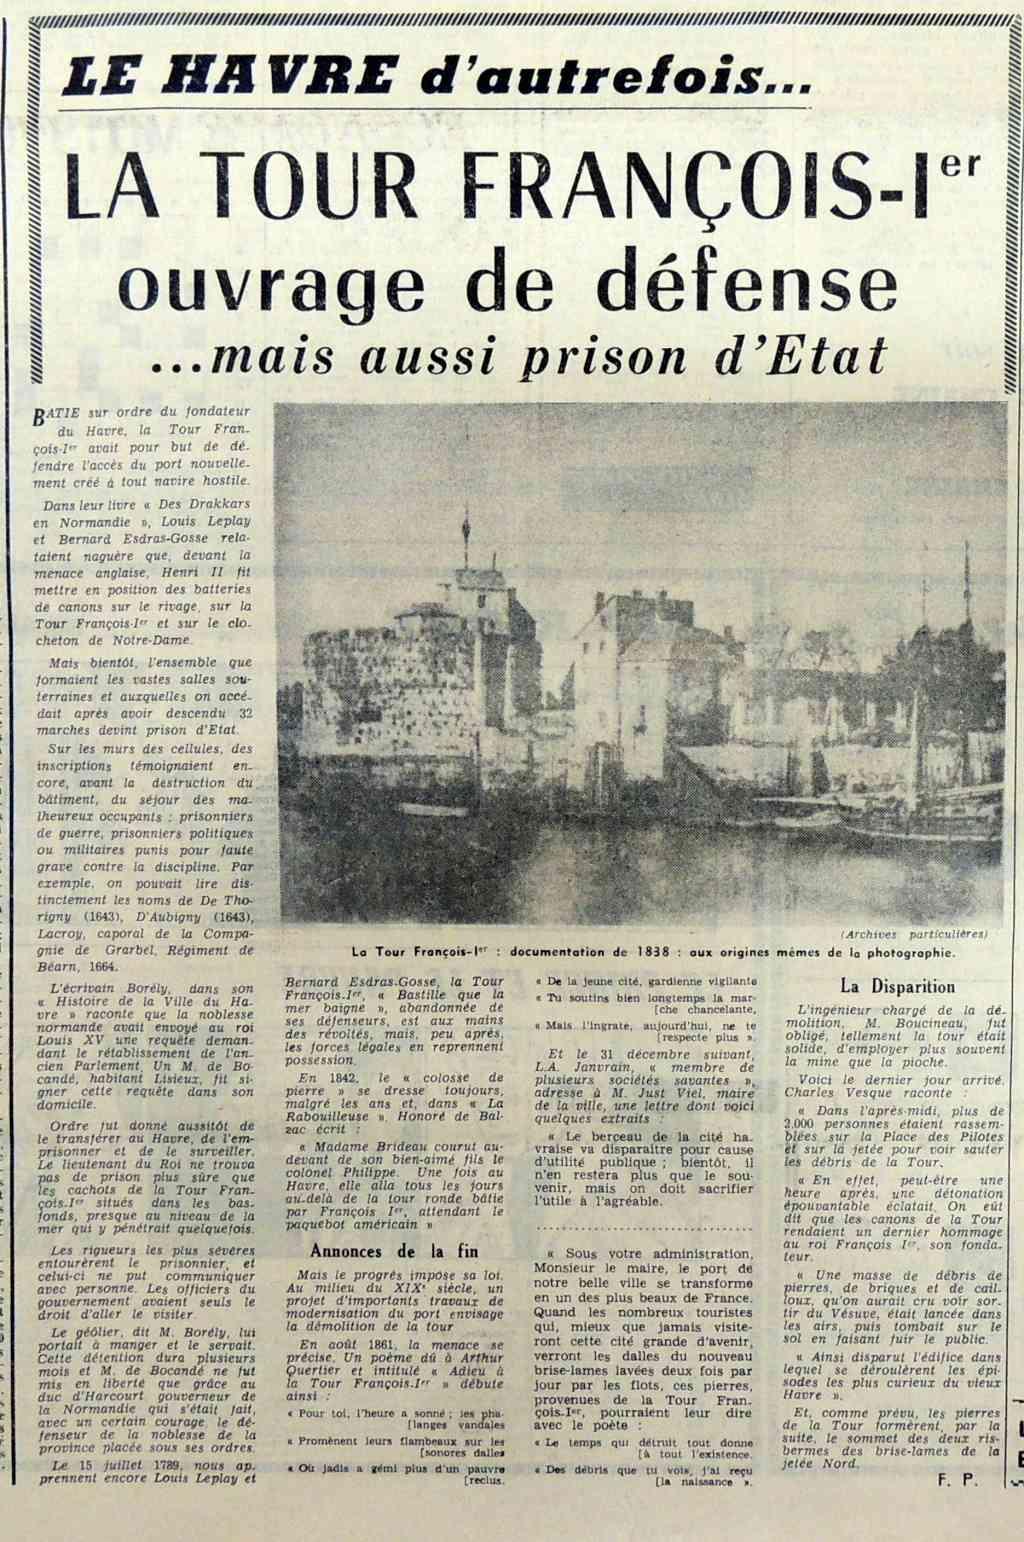 Abbé - La Tour François 1er au Havre : Défense et prison 1968-010